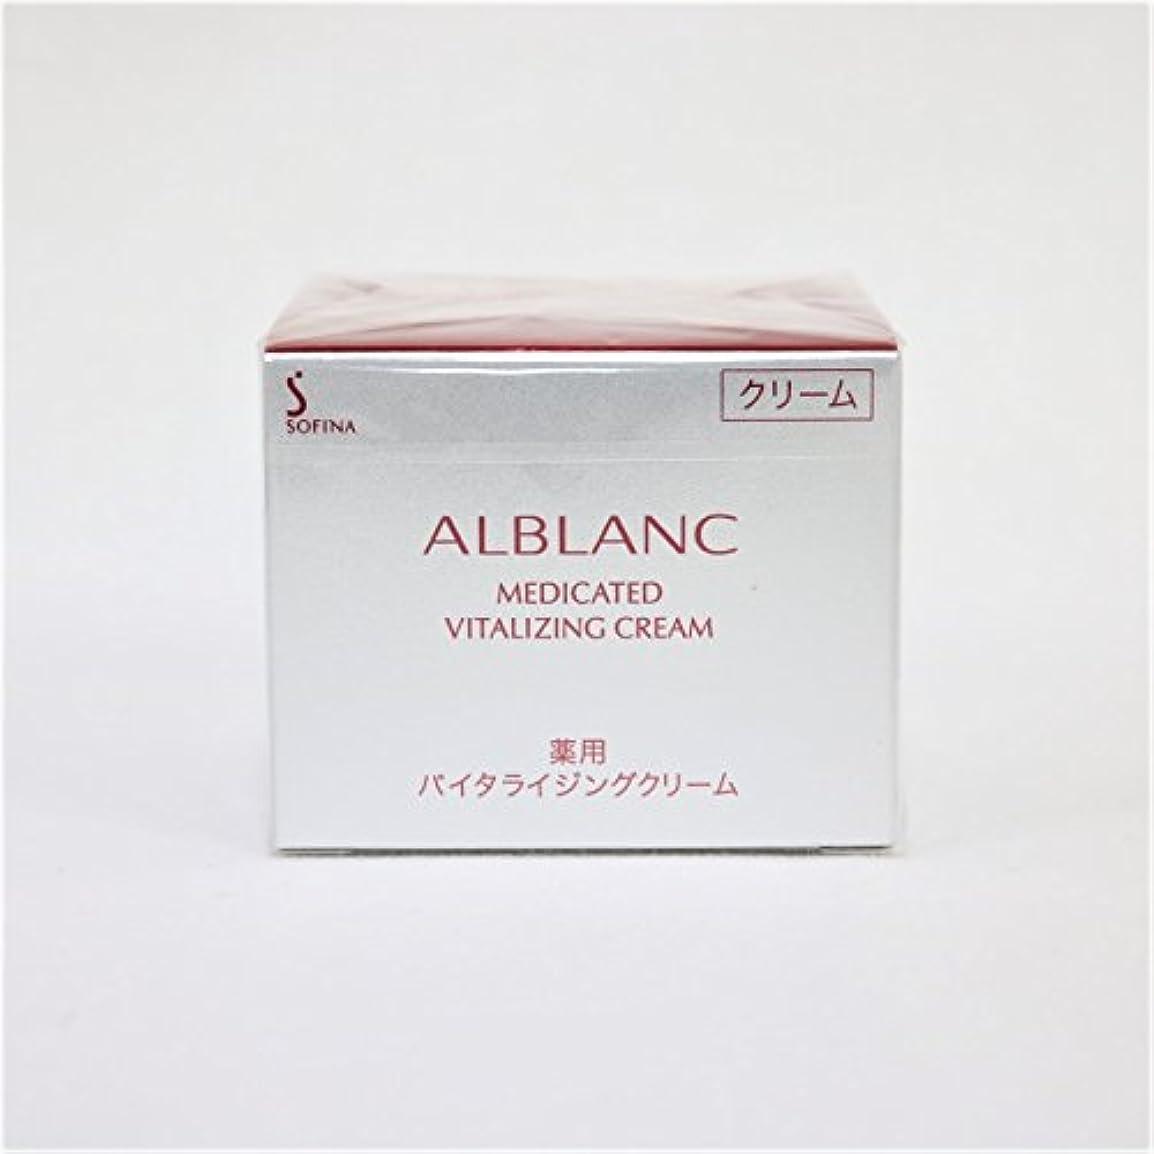 作ります発見する牛ソフィーナ アルブラン 薬用バイタライジングクリーム 40g